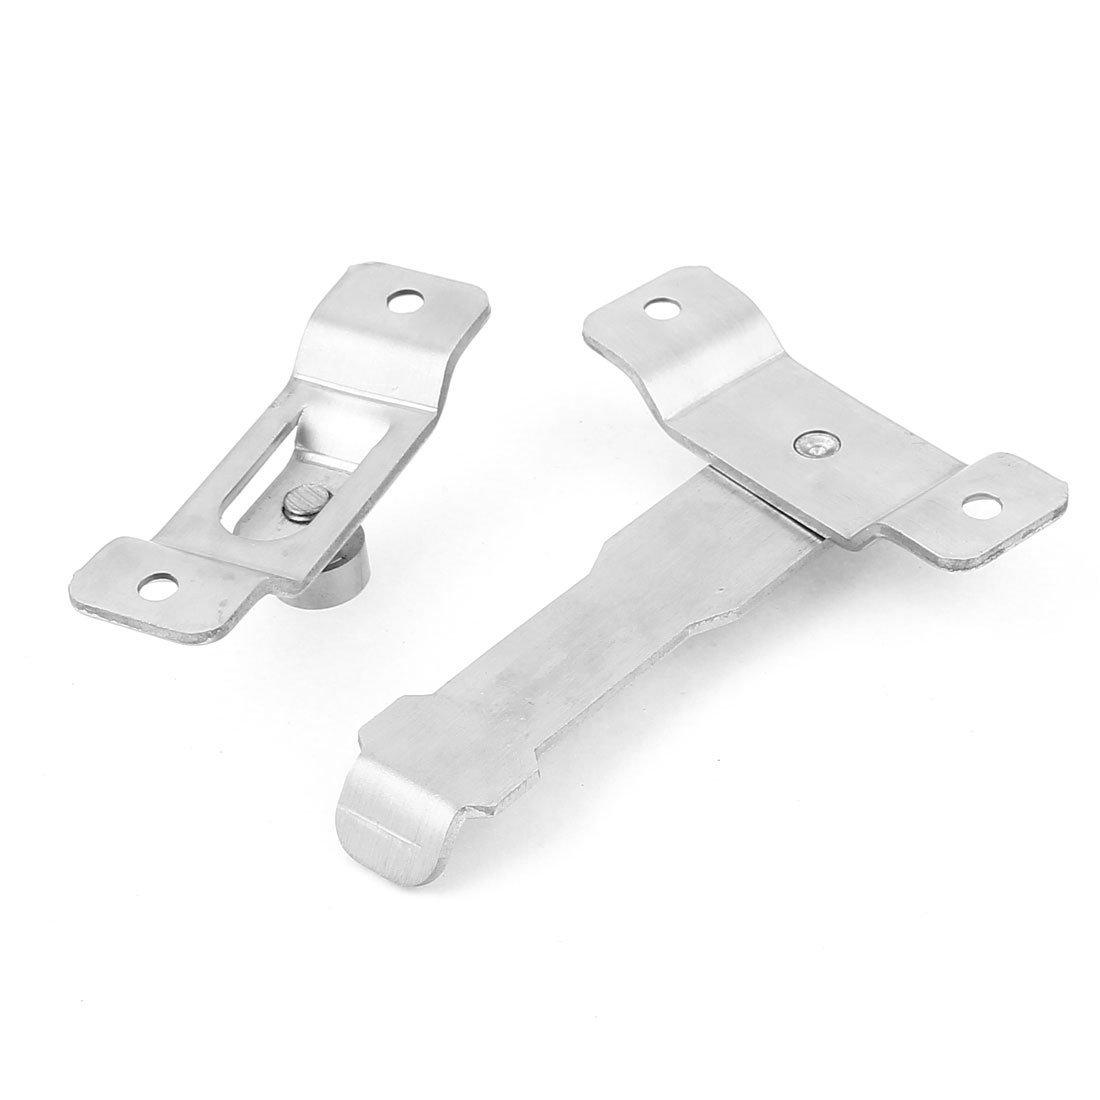 110 mm de largo de acero inoxidable para puerta y ventana de seguridad cierre de la cerradura del perno - - Amazon.com